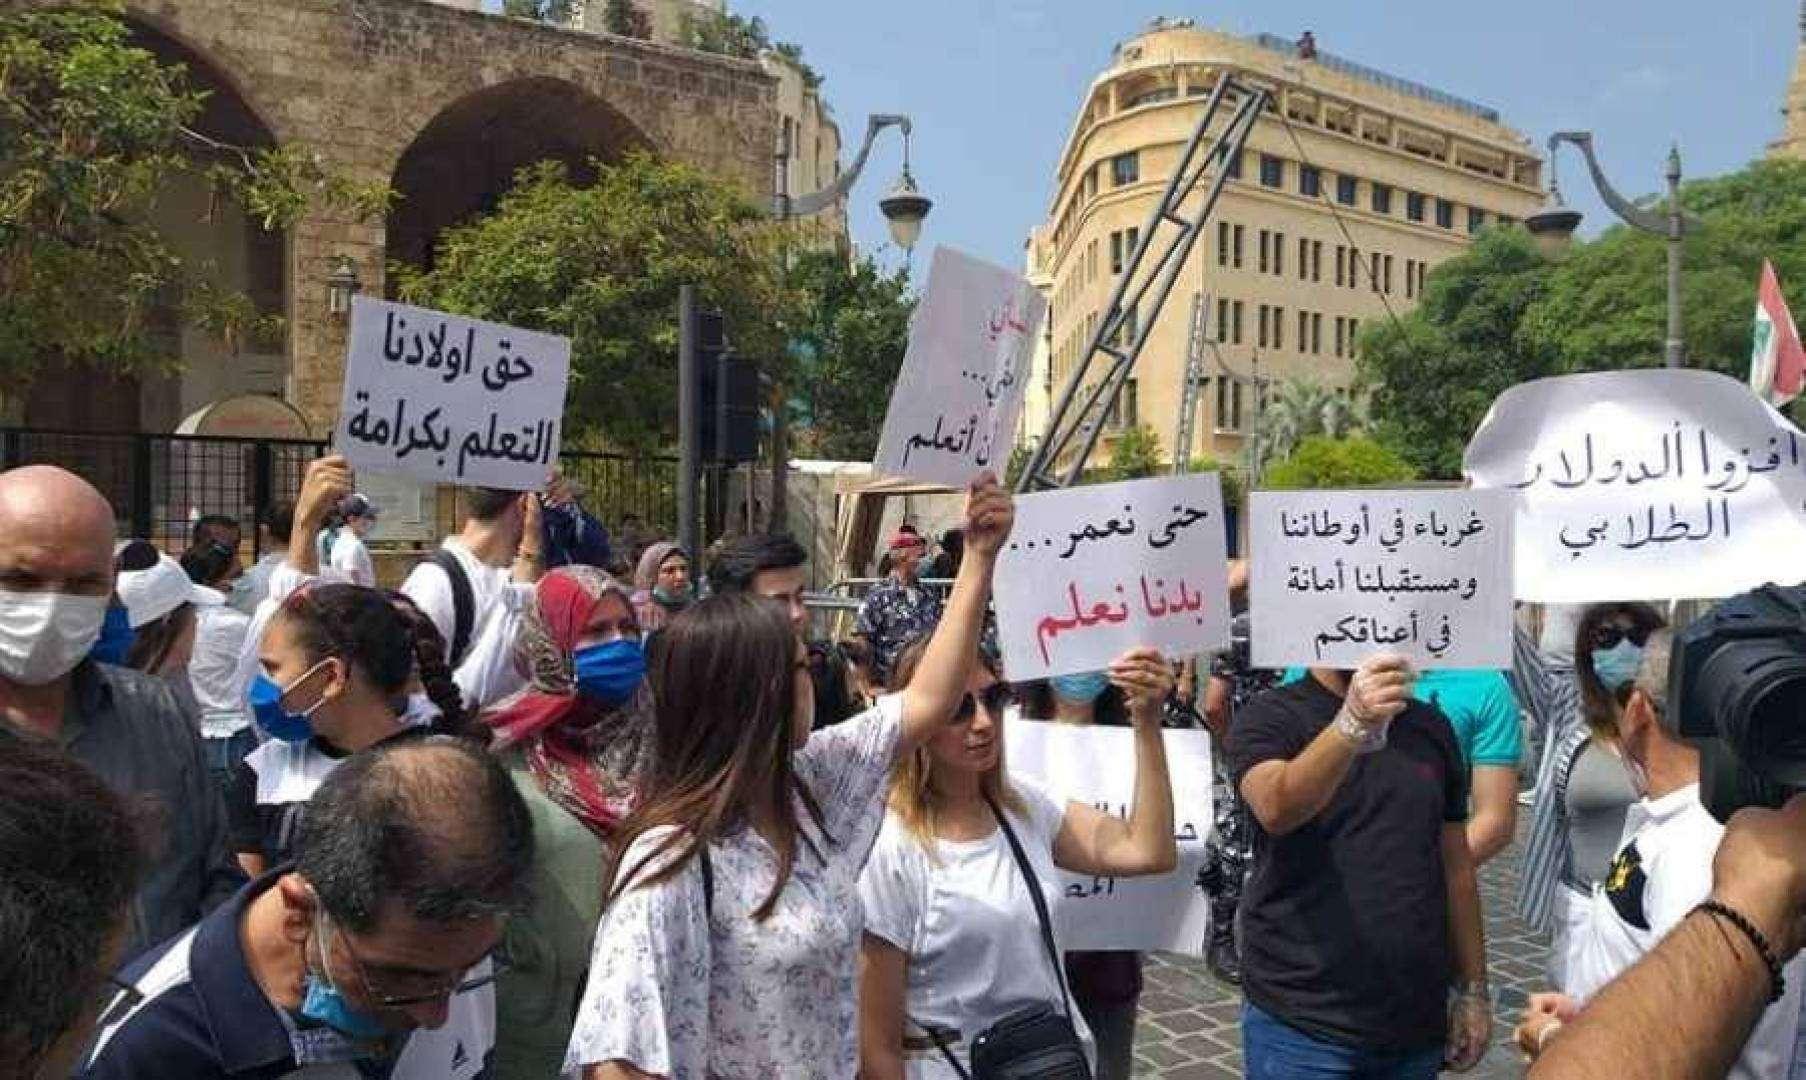 لبنان.. القيود على التحويلات تهدد المسيرة التعليمية للطلبة المغتربين